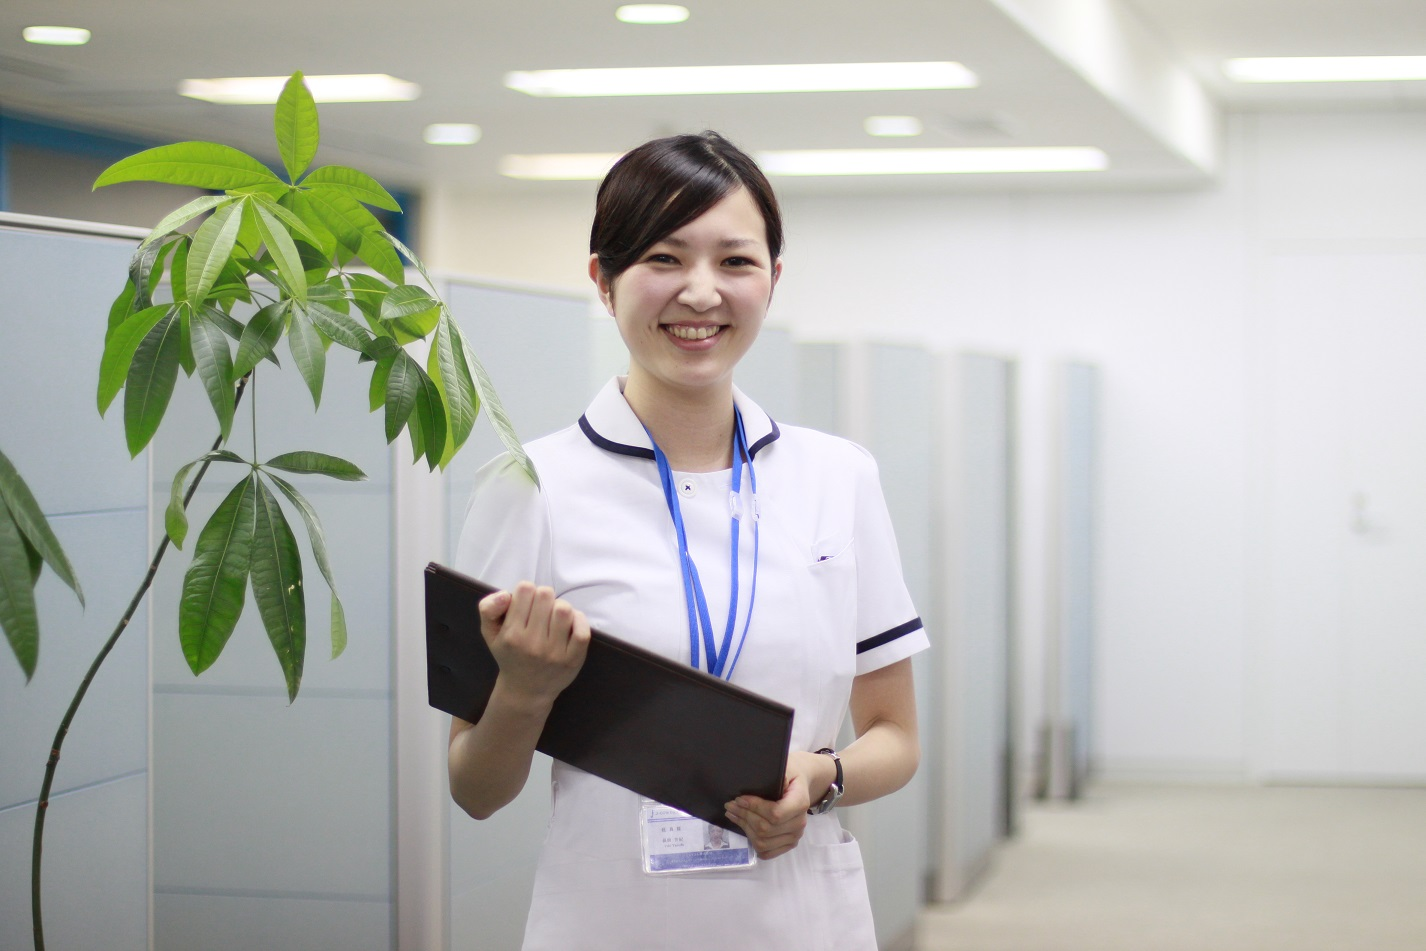 【時給2200円】高時給♪看護師の資格を活かして働きませんか?